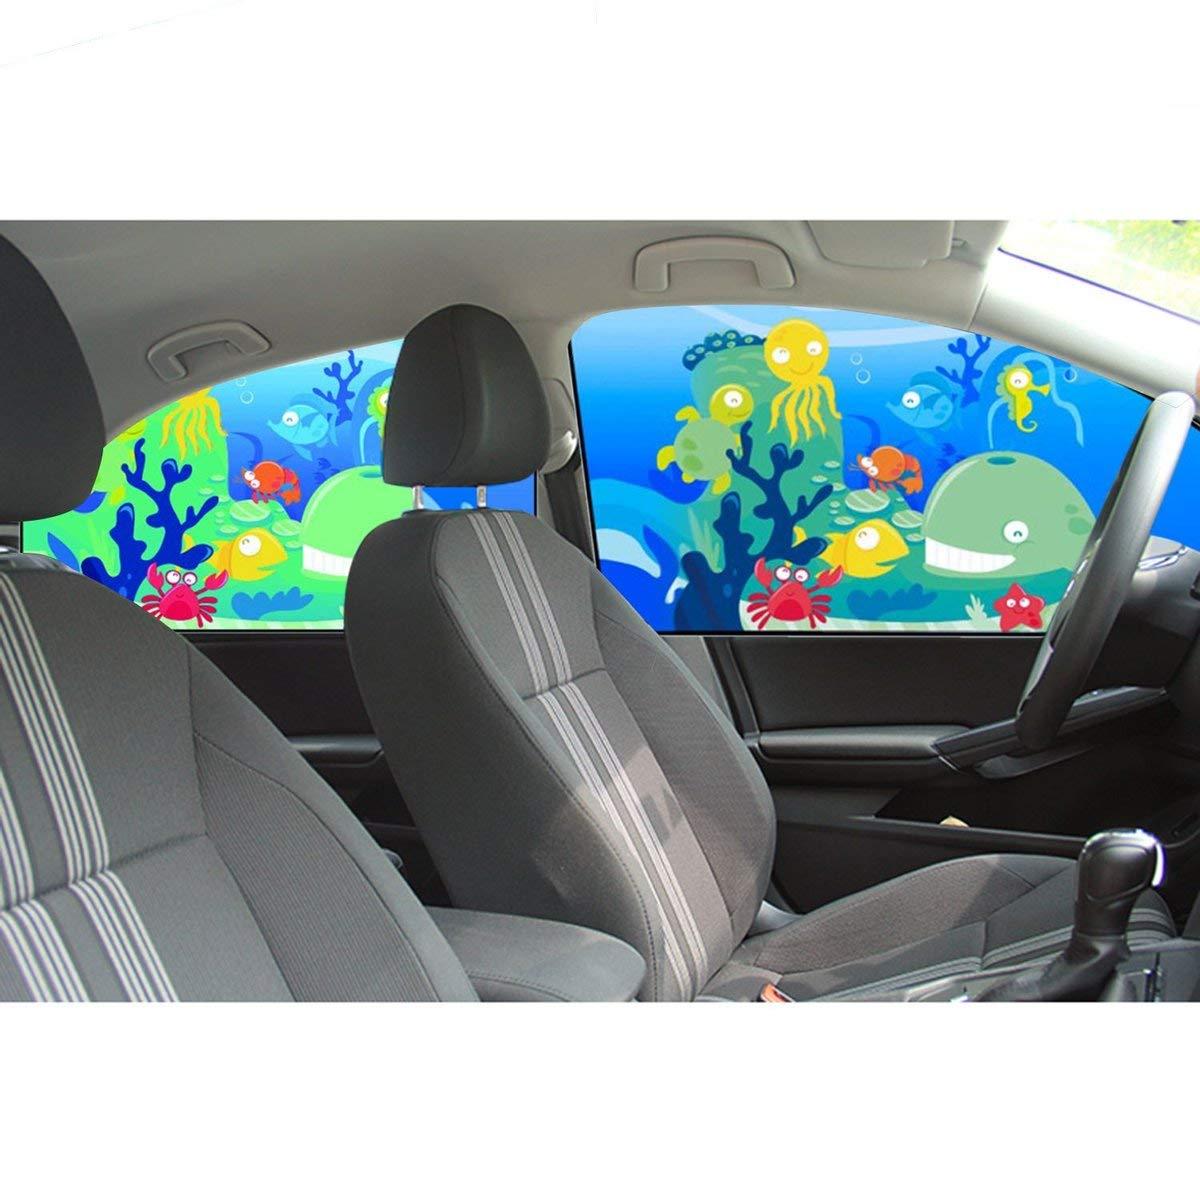 Gugutogo 1 ST/ÜCK Magnetische Auto Seitenfenster Sonnenschutz Vorh/änge Fenster Sonnenblende Jalousien Abdeckung